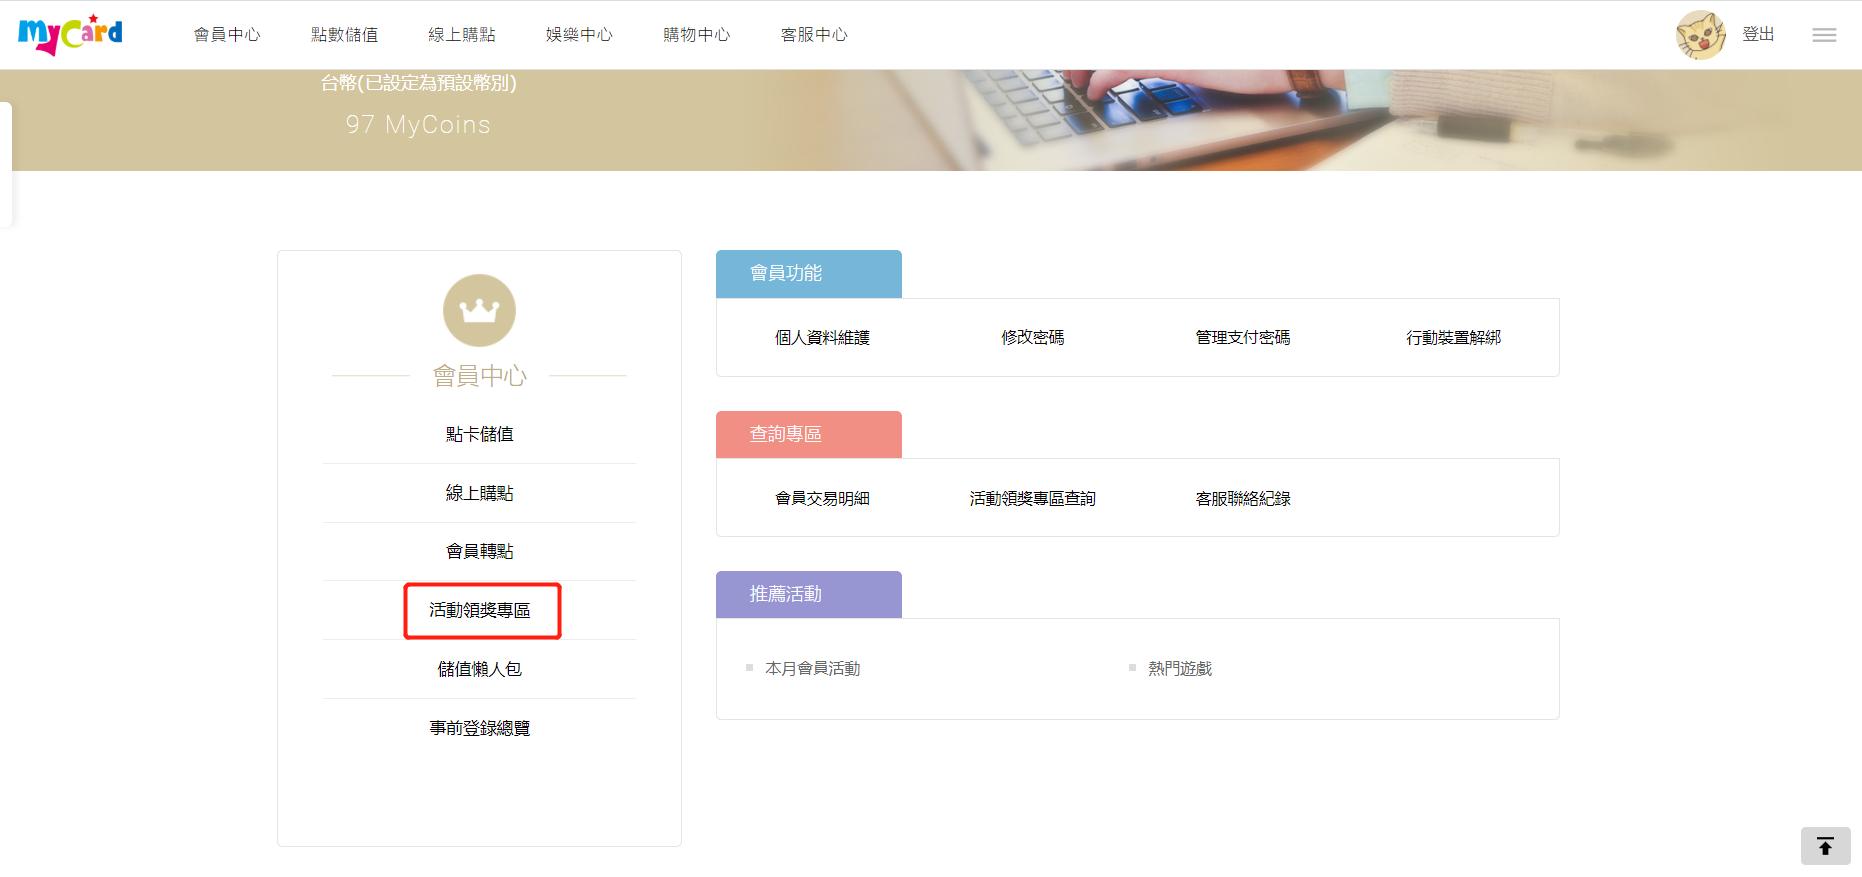 Mycard儲值活動詳細流程指南-活动领奖专区.png